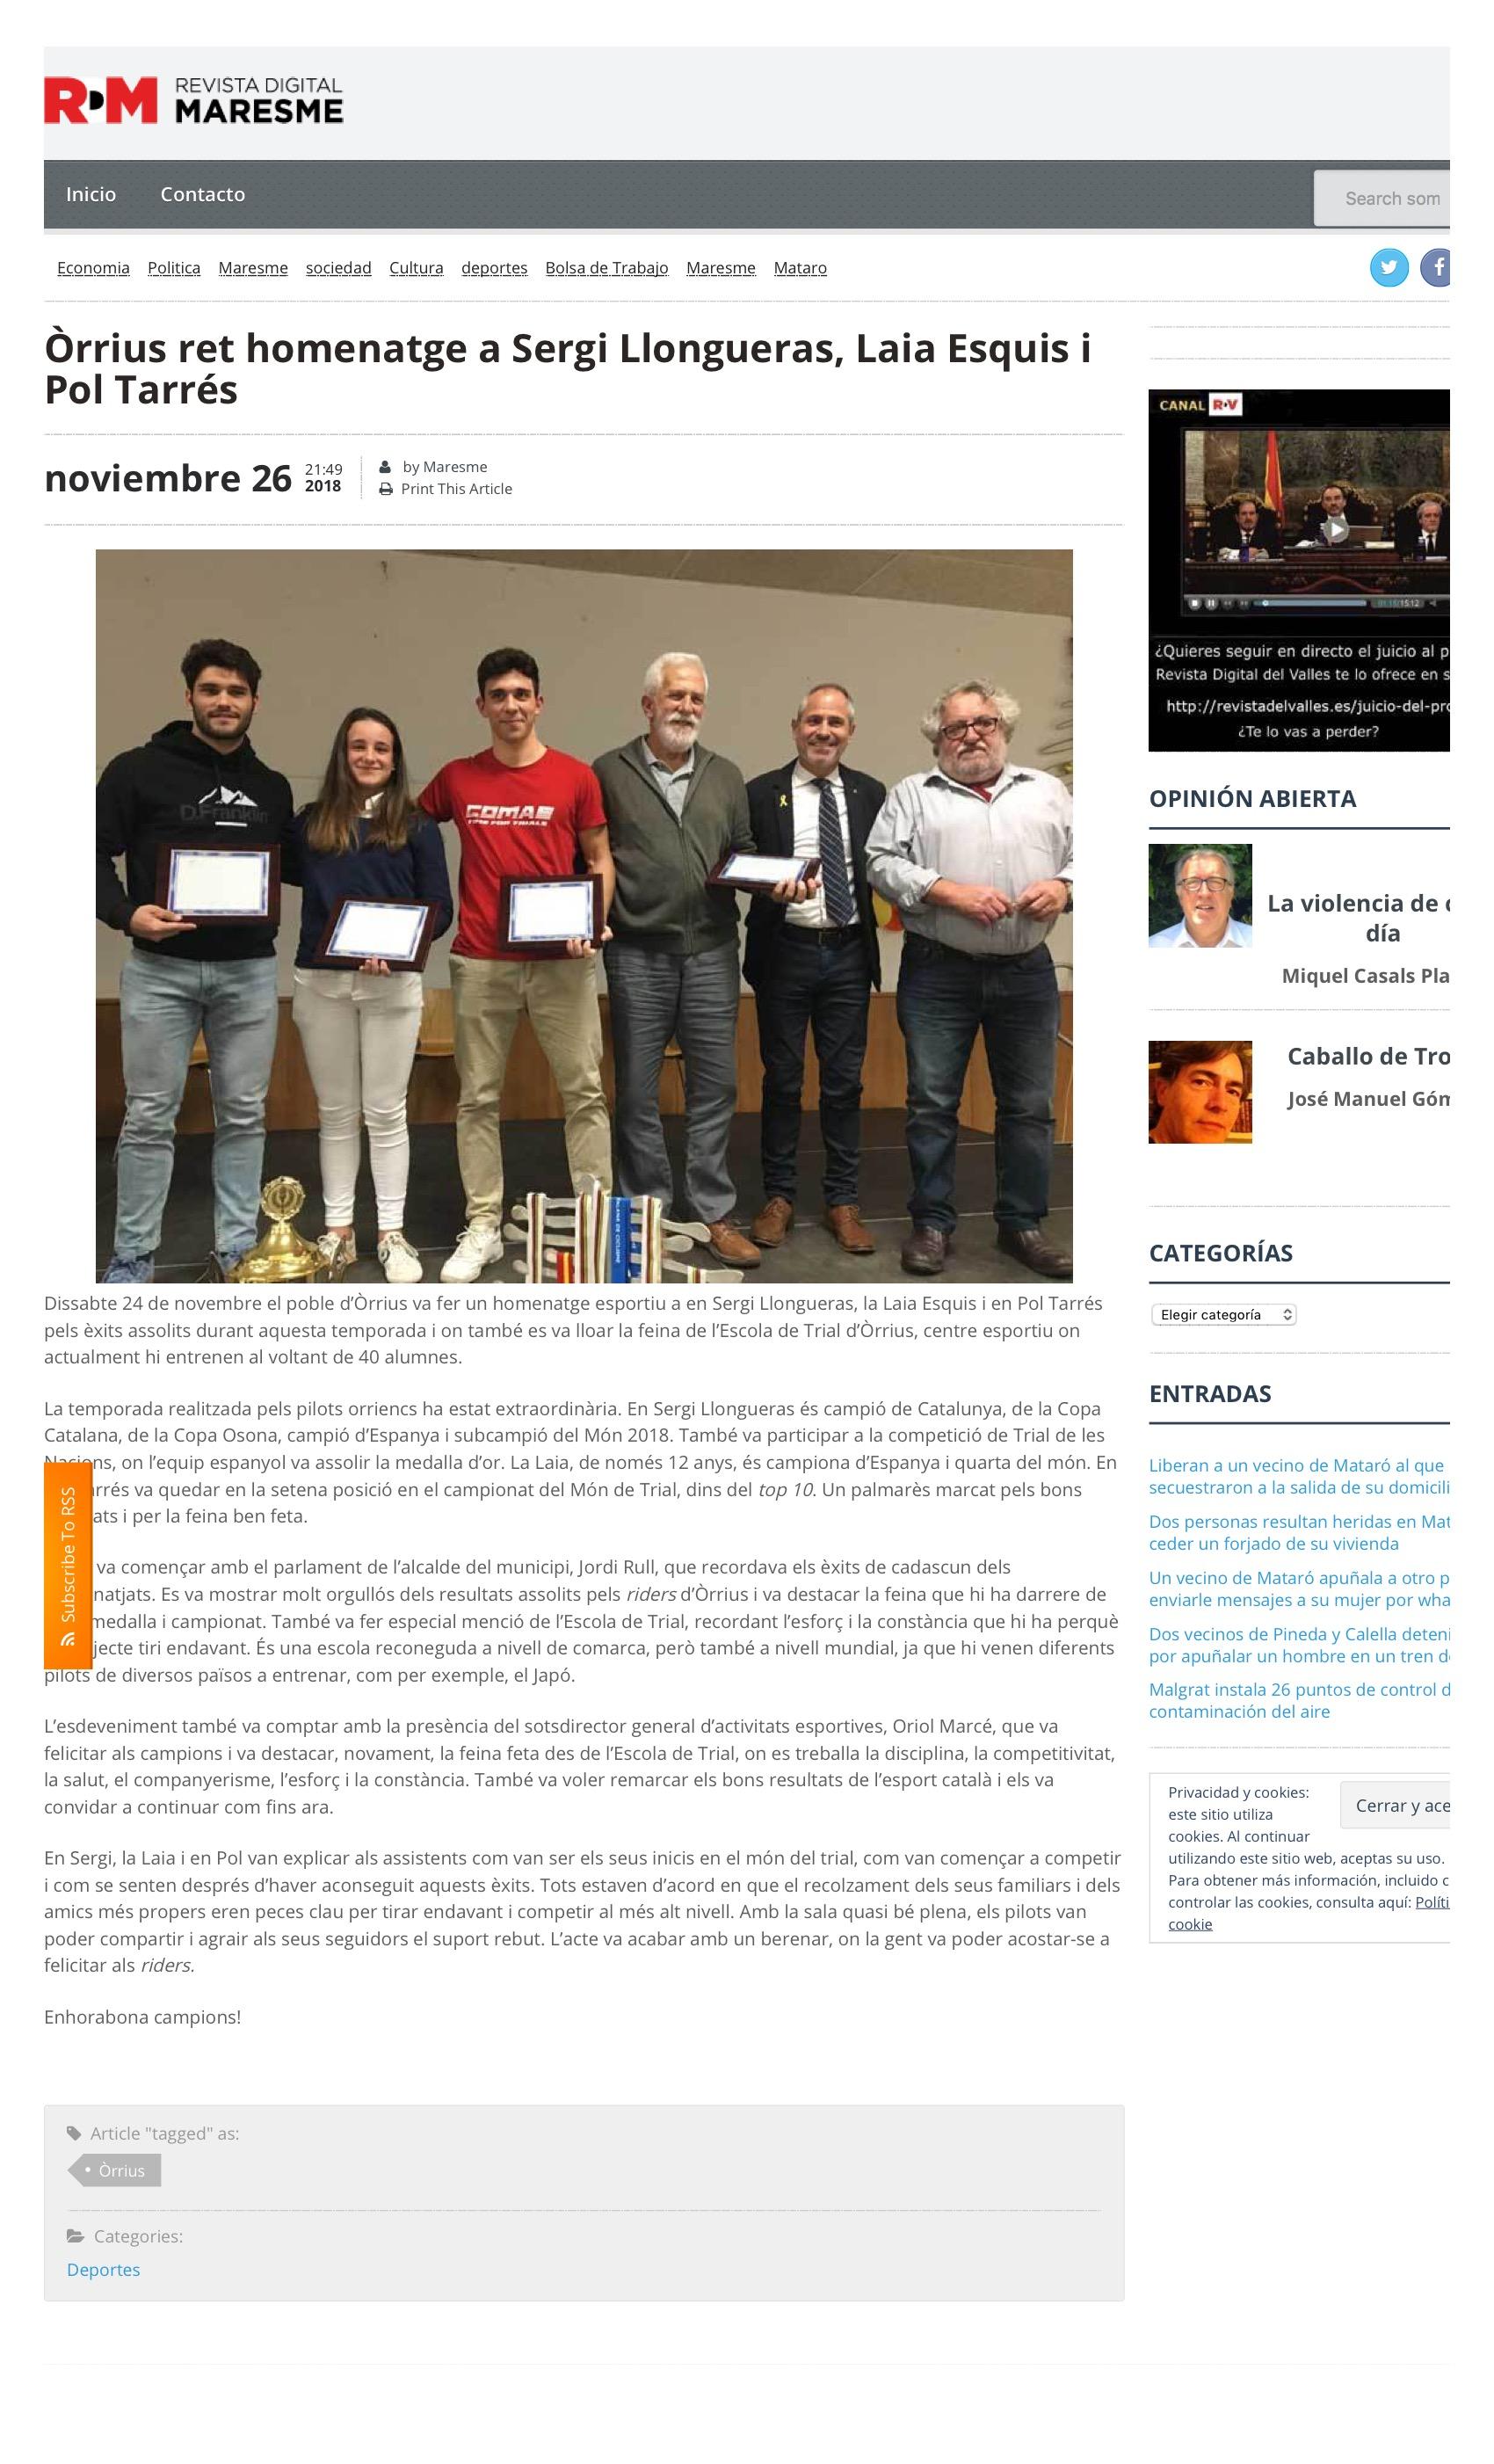 2018-11-26 Òrrius ret homenatge a Sergi Llongueras, Laia Esquis i Pol Tarrés | Revista Digital del Maresme 3.jpeg